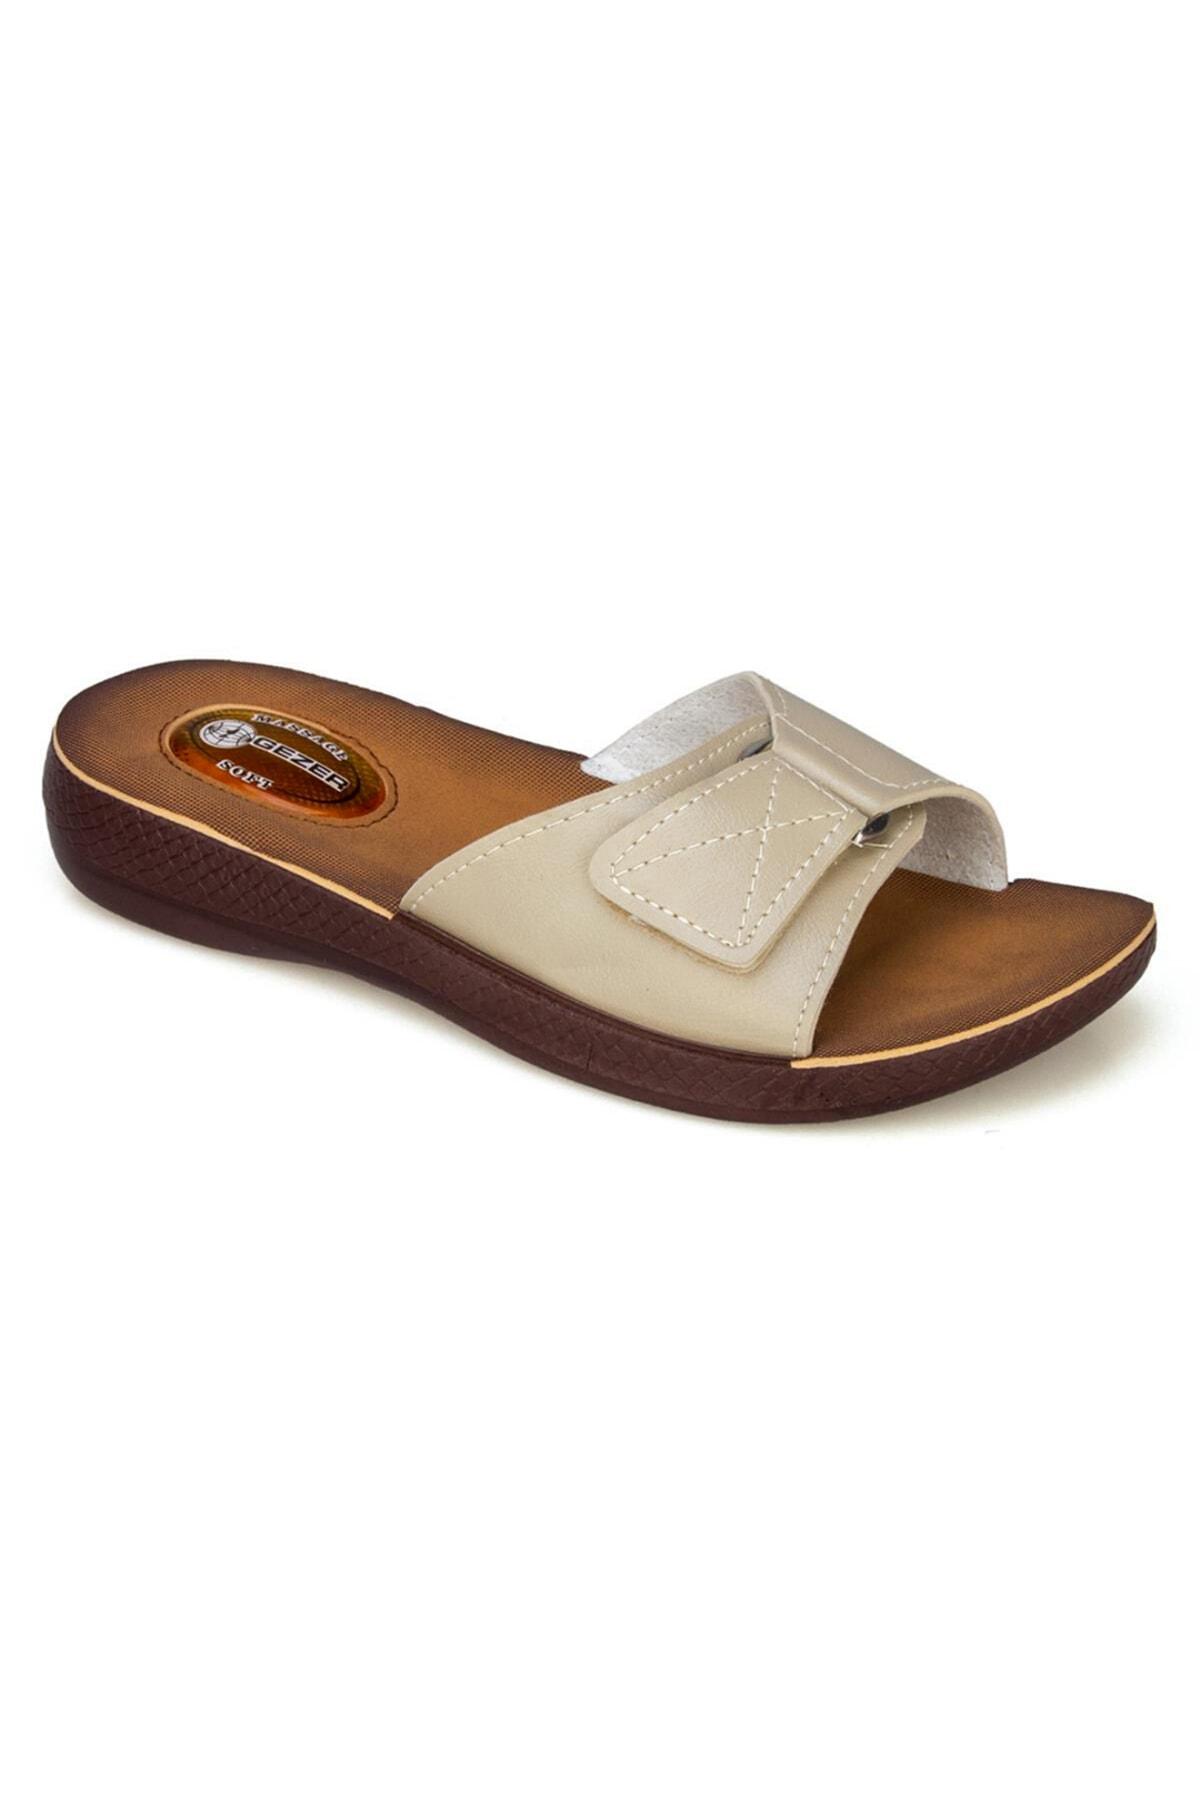 GEZER Kadın Comfort Terlik Jel Topuk Dikeni Terliği 10827